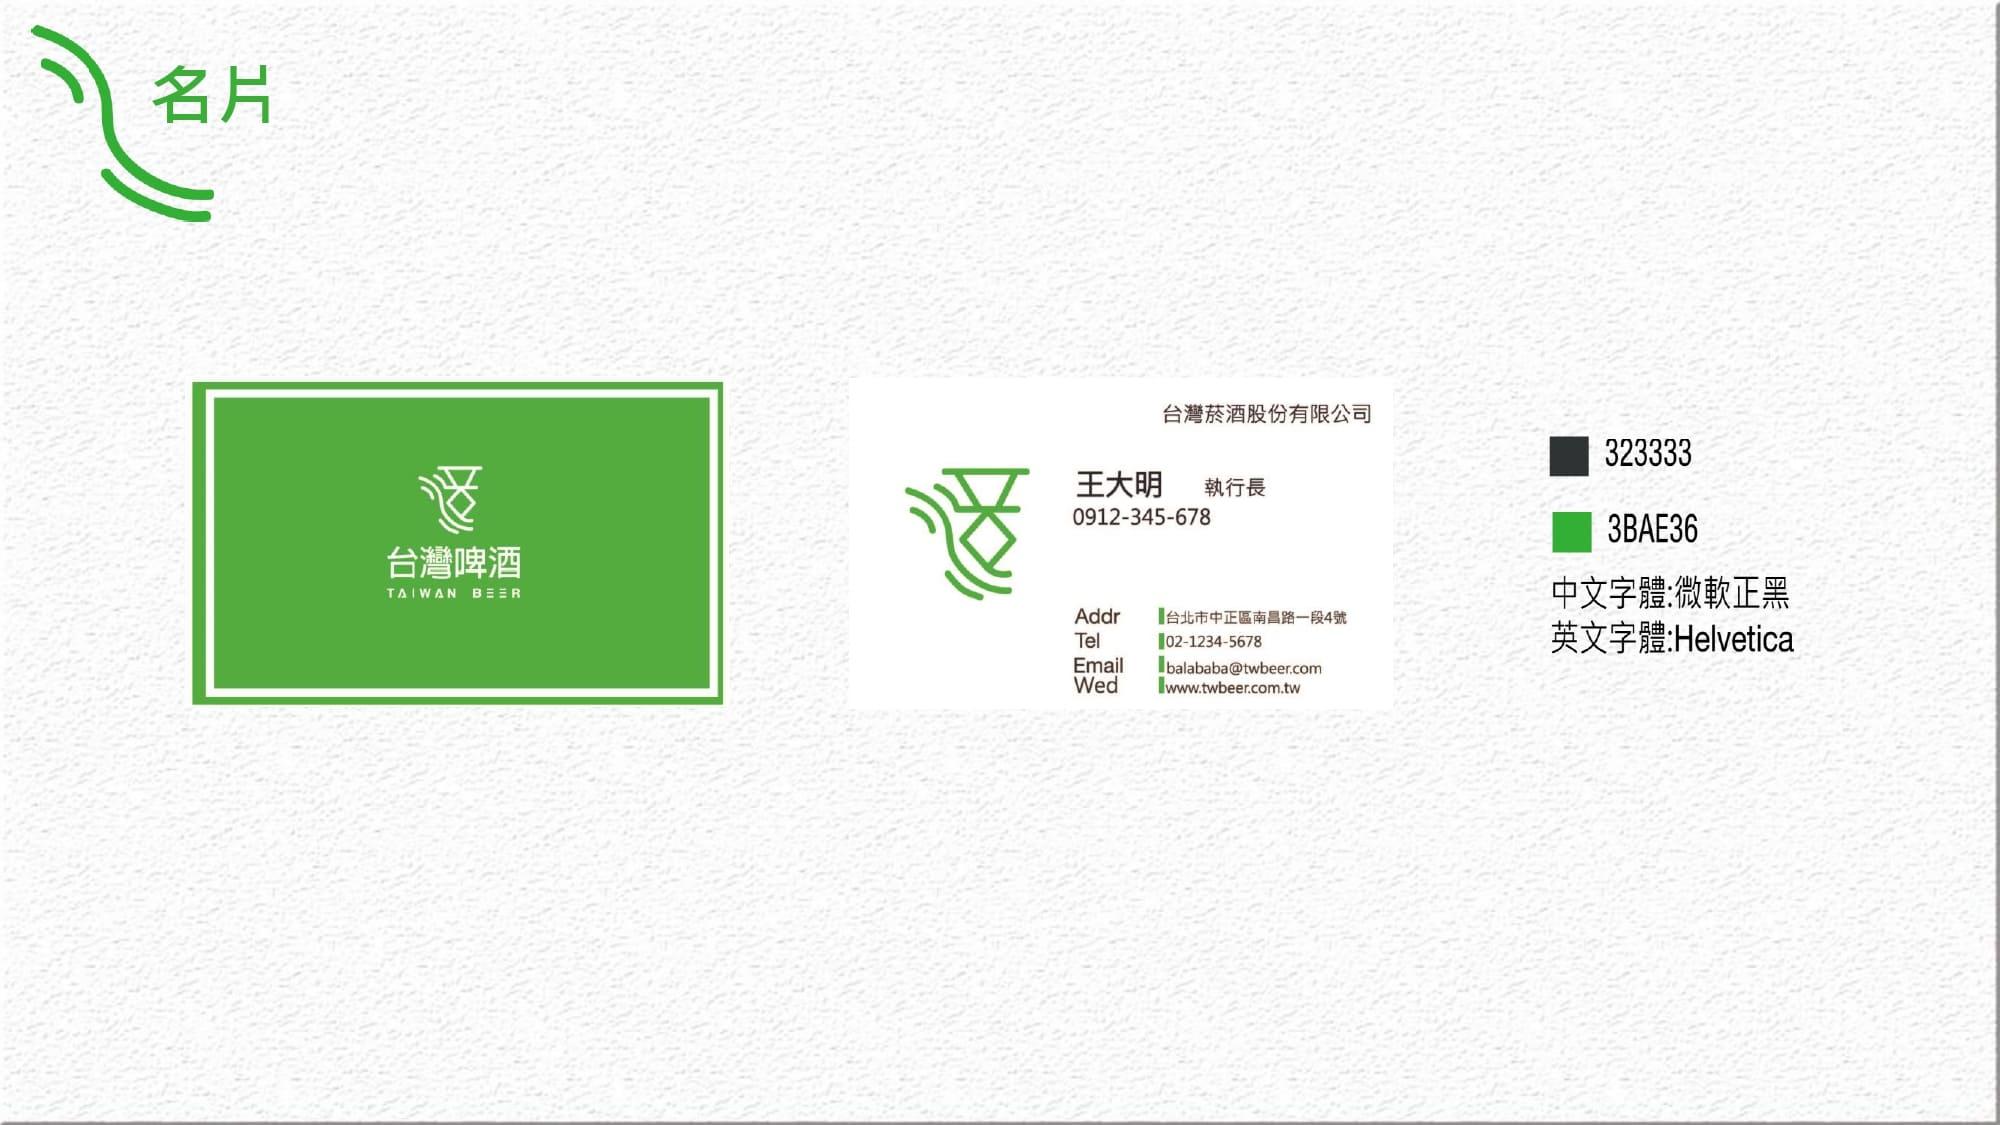 台灣啤酒108.4.23_page-0018